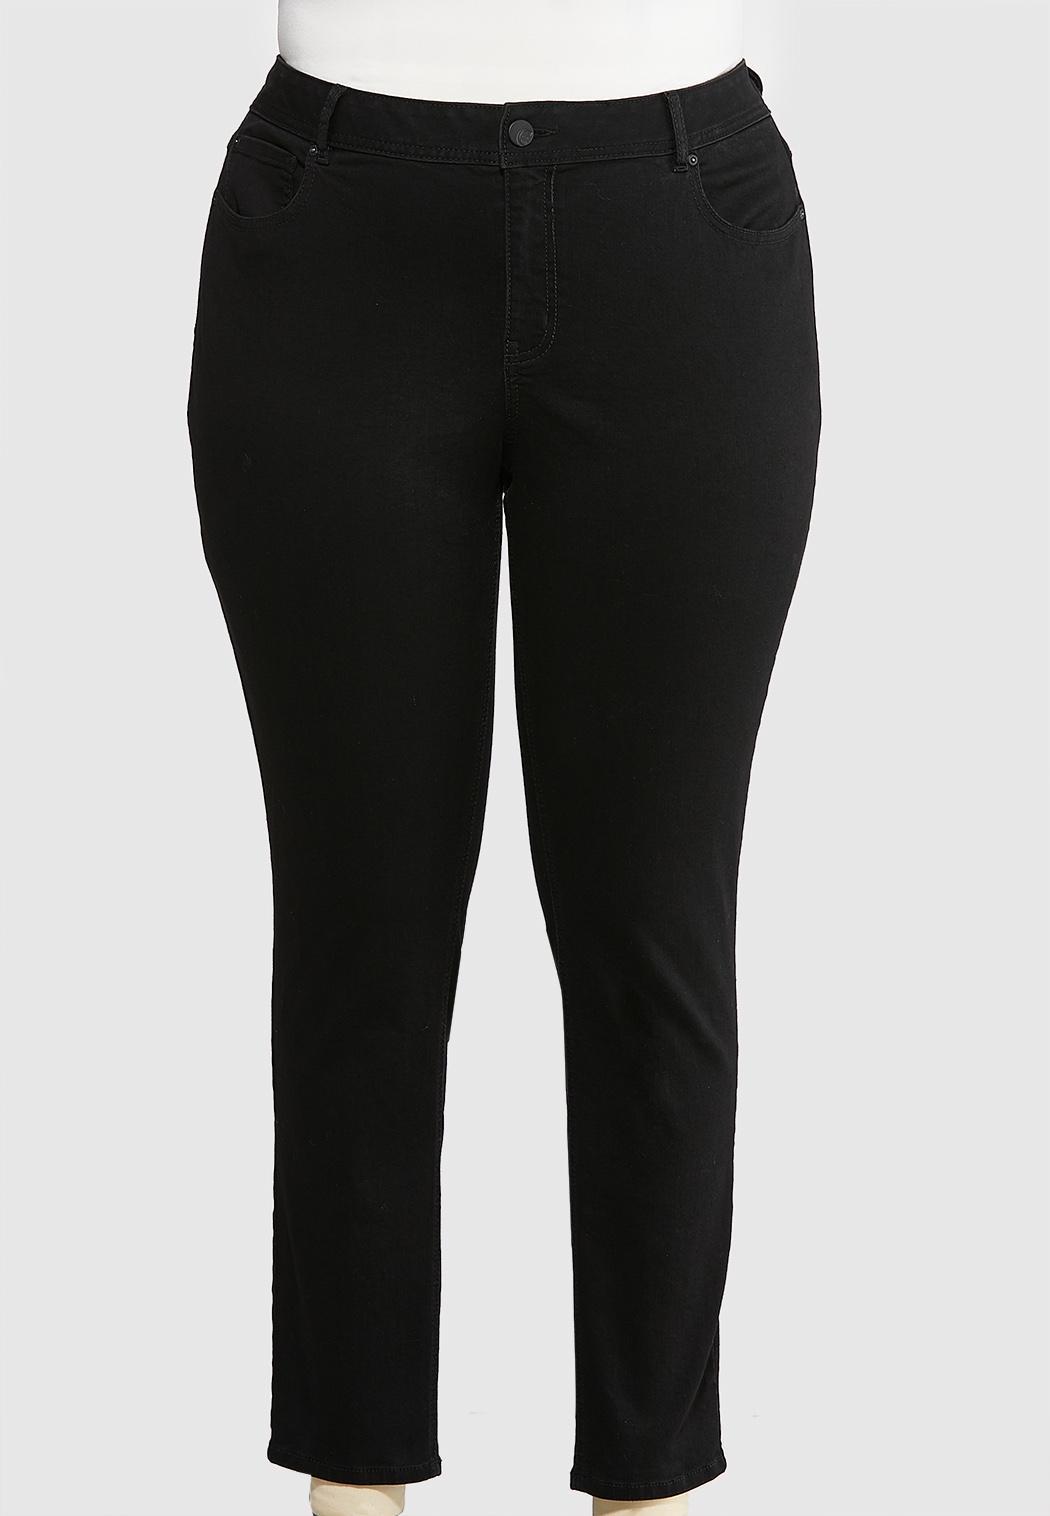 Plus Extended Black Skinny Leg Jeans